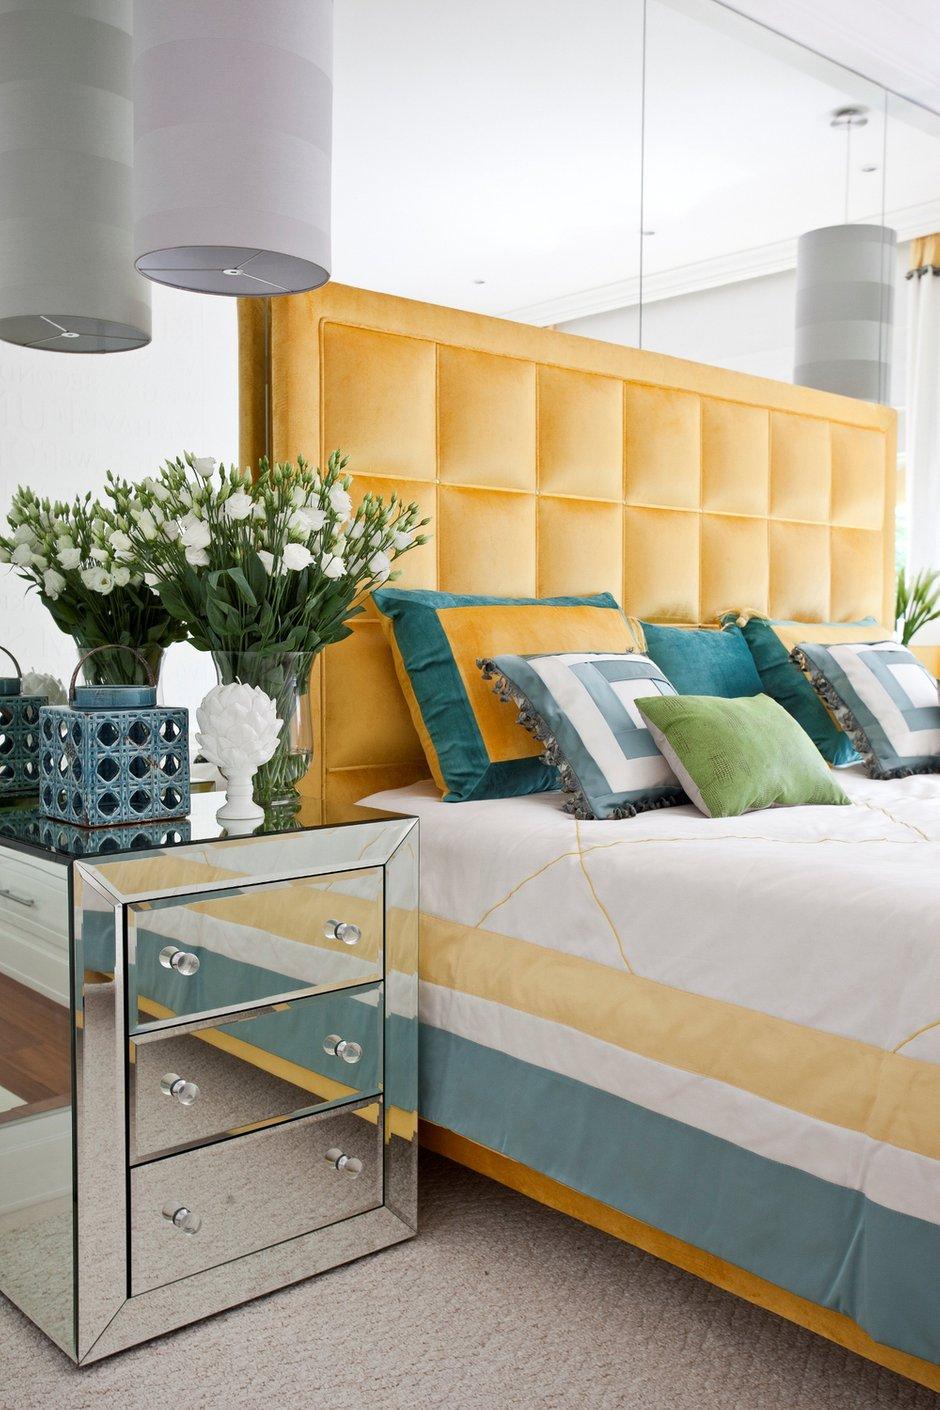 Фотография: Спальня в стиле Хай-тек, Интерьер комнат, Мебель и свет, Проект недели – фото на INMYROOM